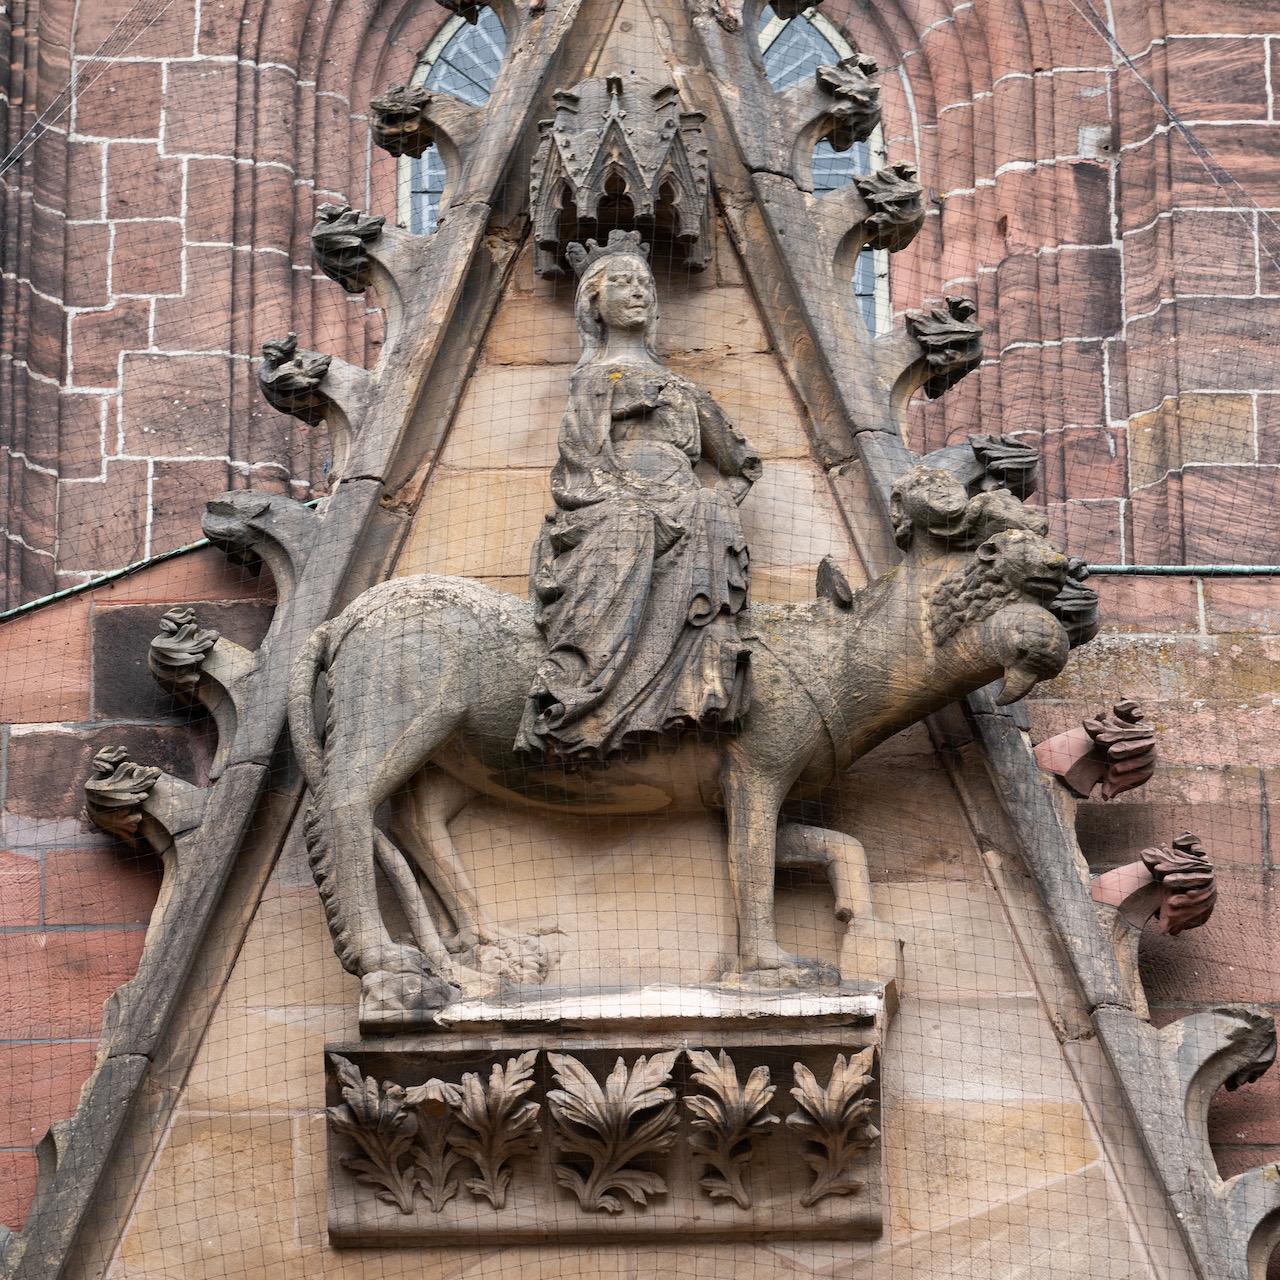 Südportal, Maria auf einem vierköpfigen Tier, das die vier Evangelisten symbolisiert